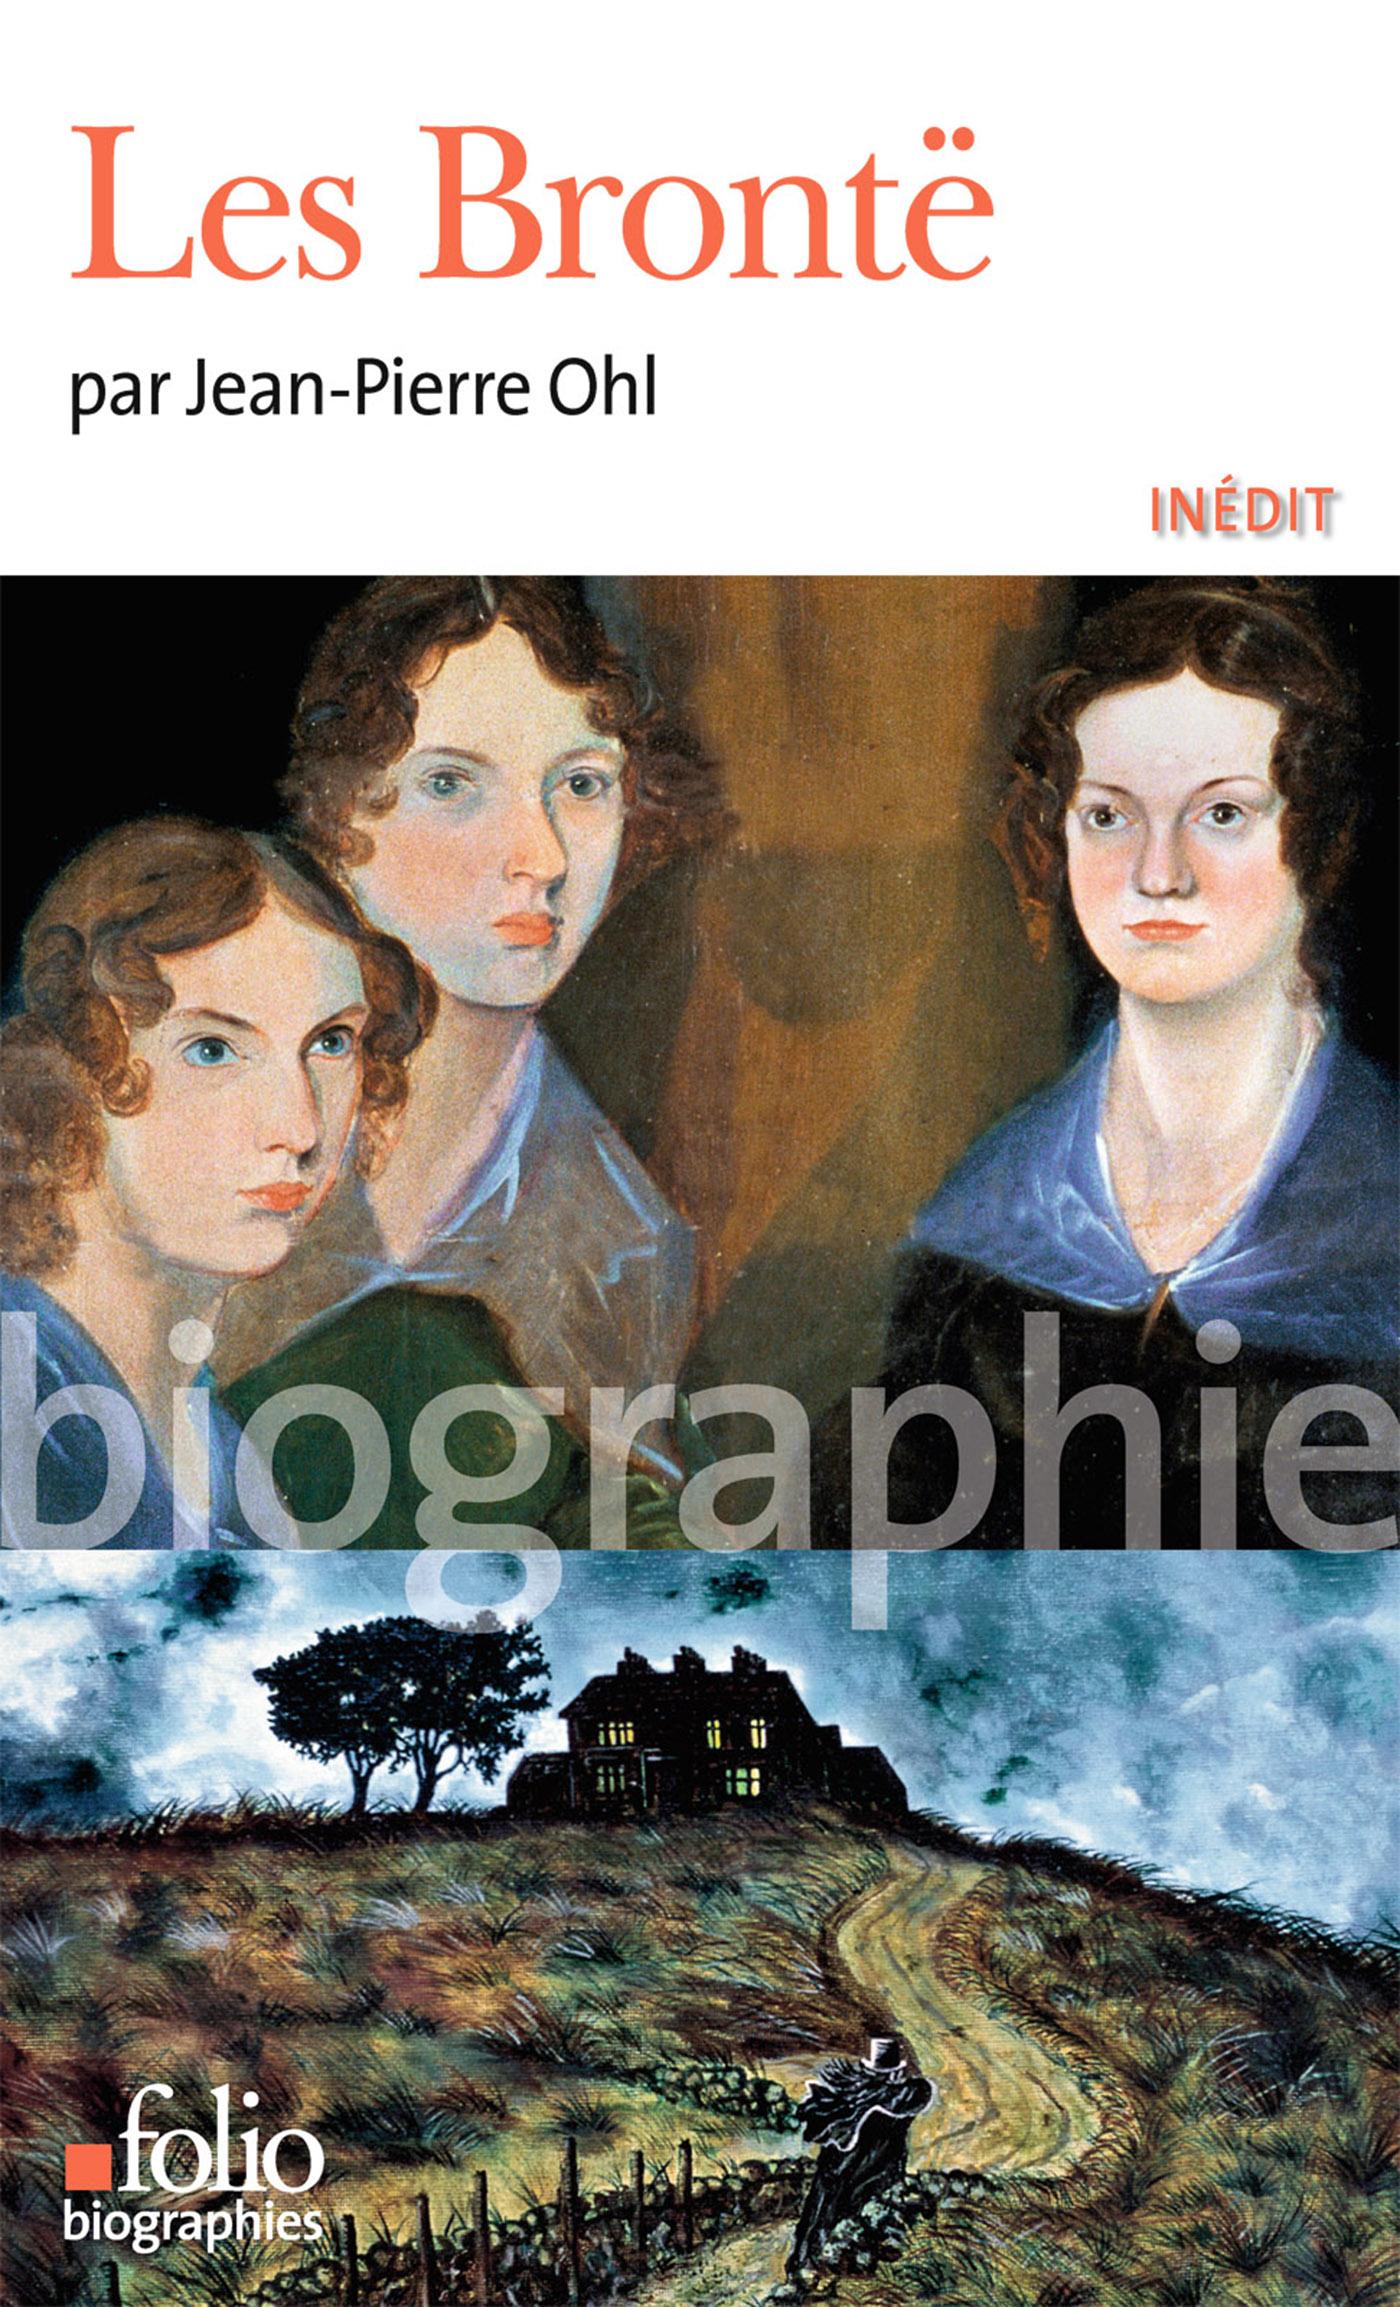 Les Brontë